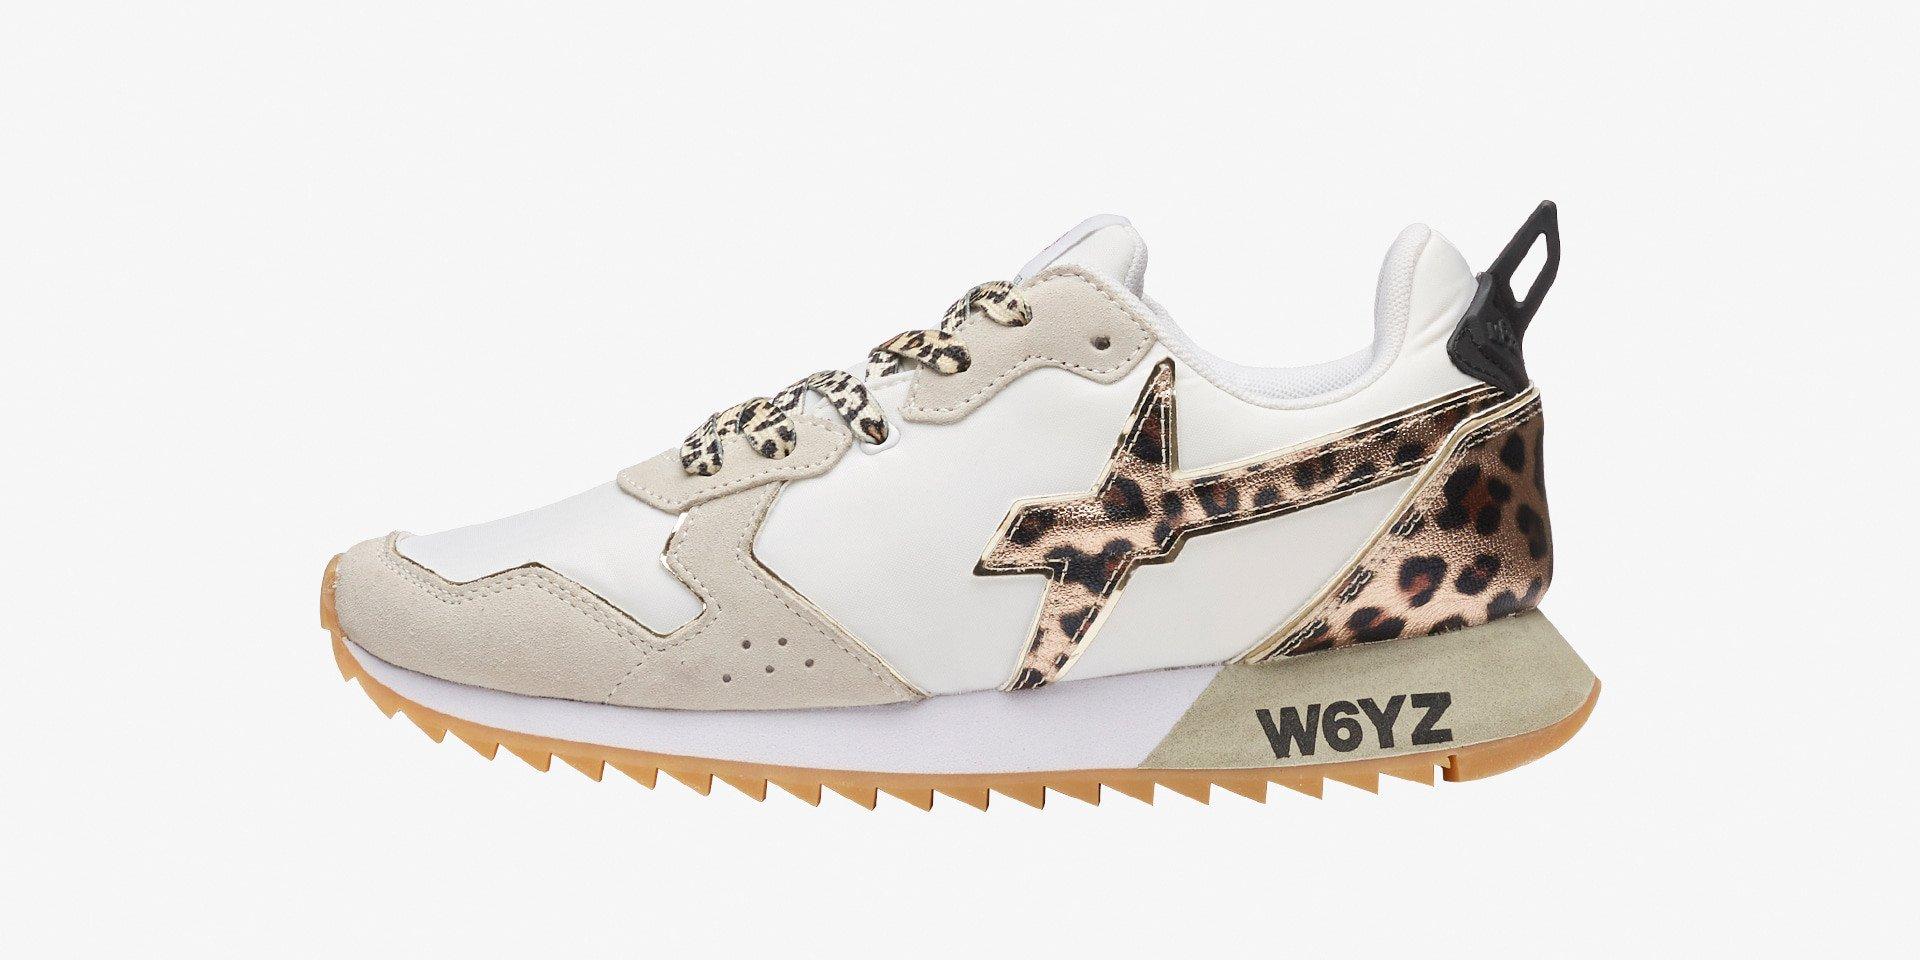 JET-W. - Sneaker in tessuto tecnico con inserti animalier - Bianco-Leopard